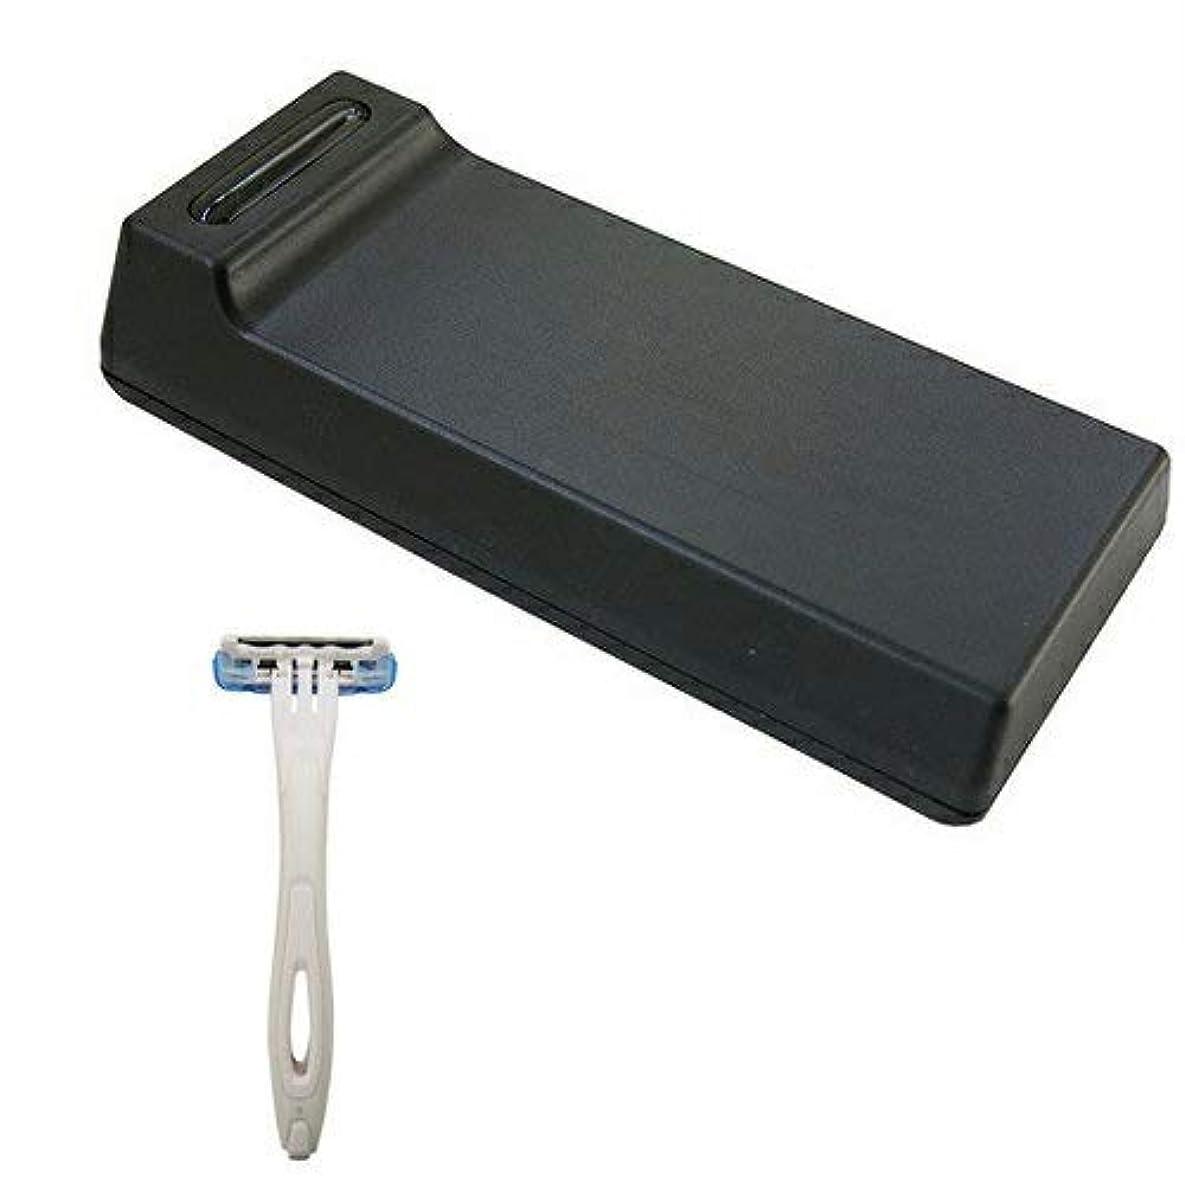 弁護摂氏通行人Cannelle カミソリ刃クリーナー BladeTech ブレードテック + 貝印 使い捨てカミソリ3枚刃